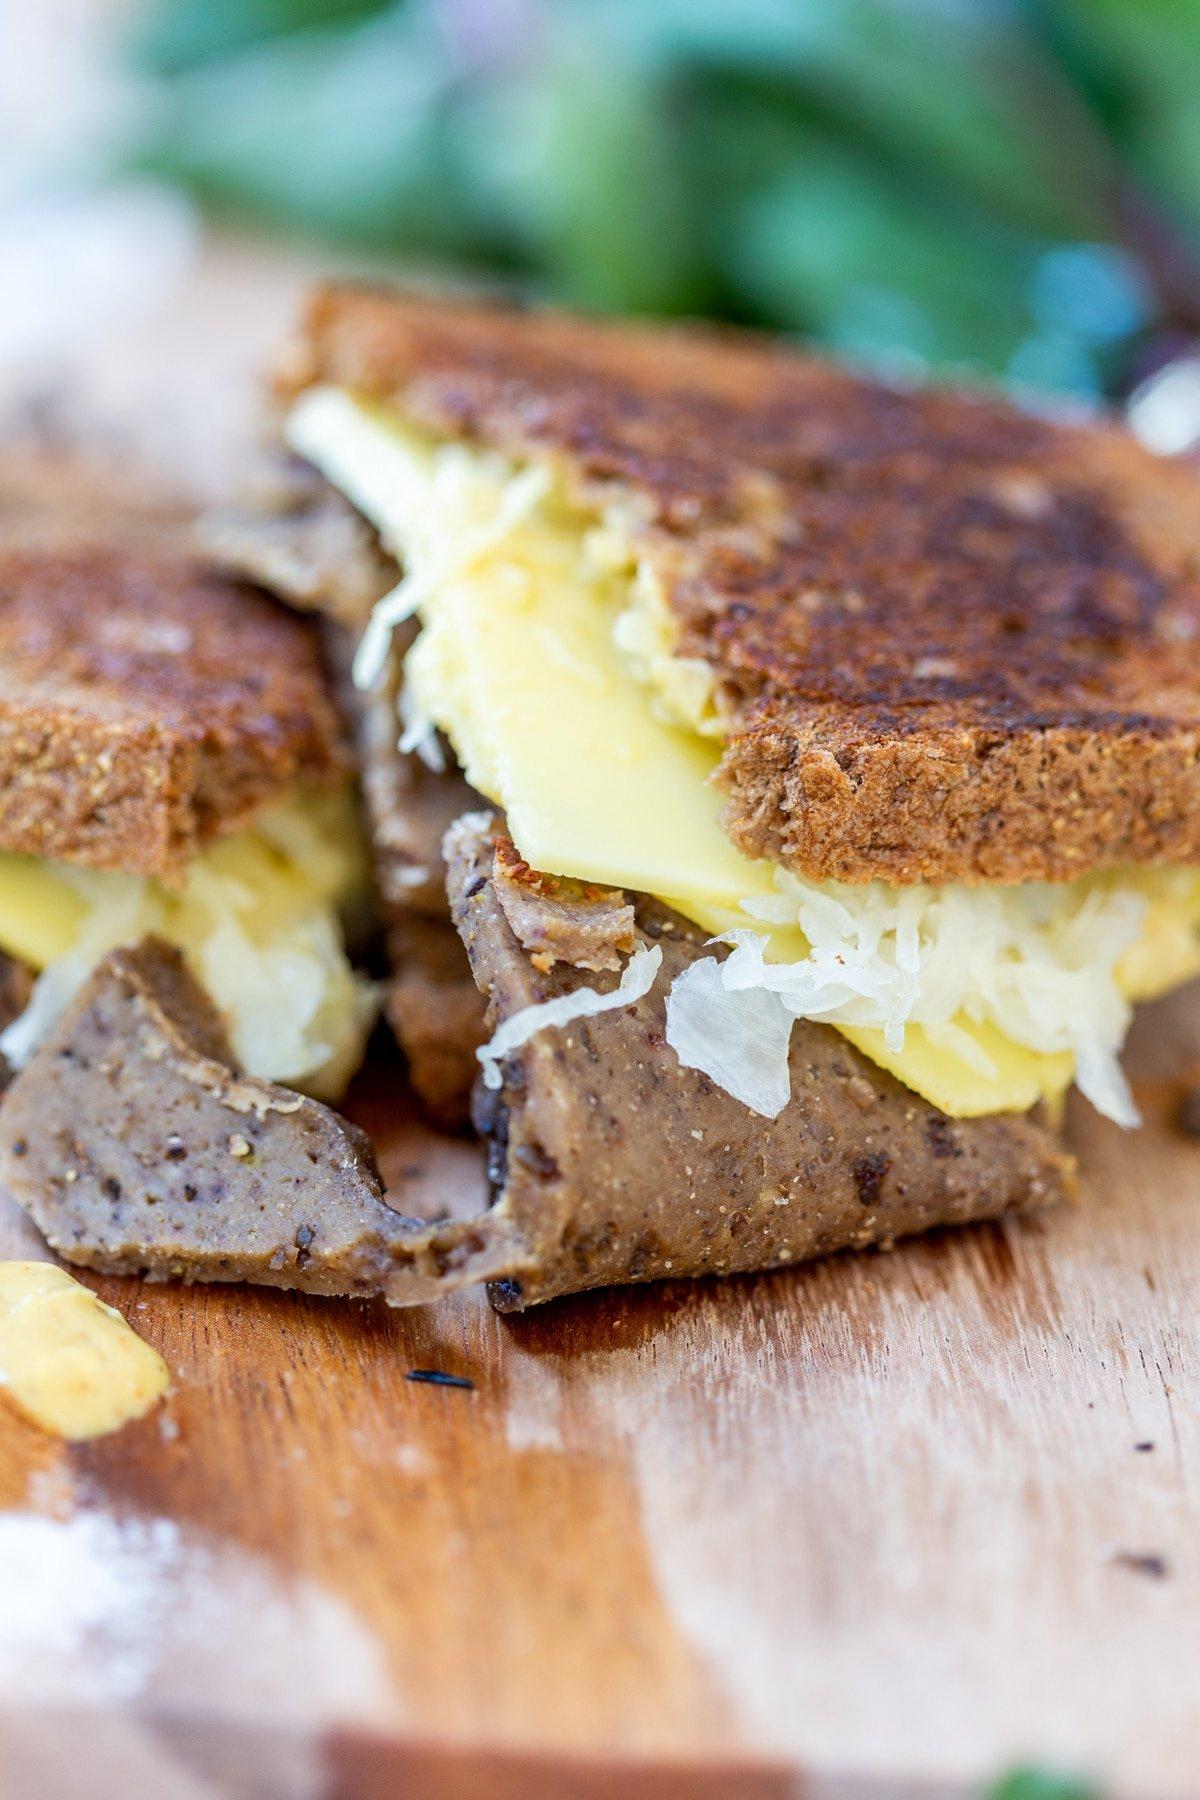 A Reuben sandwich on a wooden board.